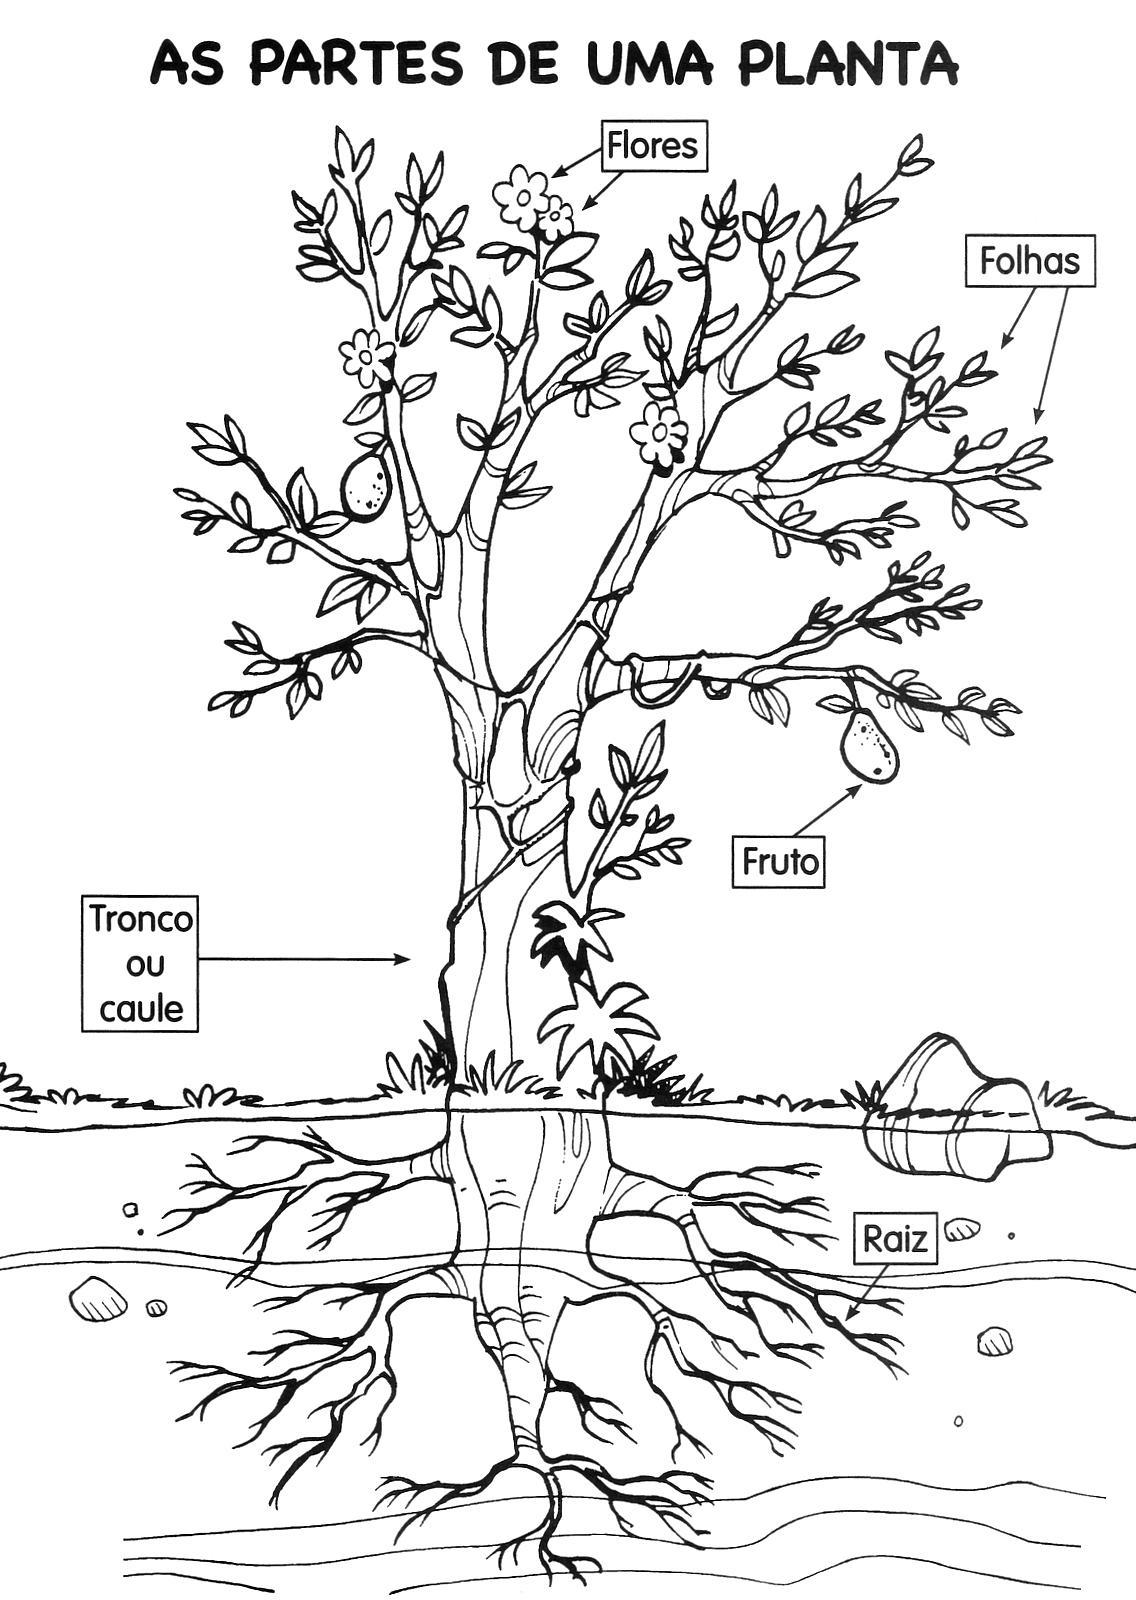 Das Plantas Flores Responsaveis Pela Formacao Do Fruto E Da Te